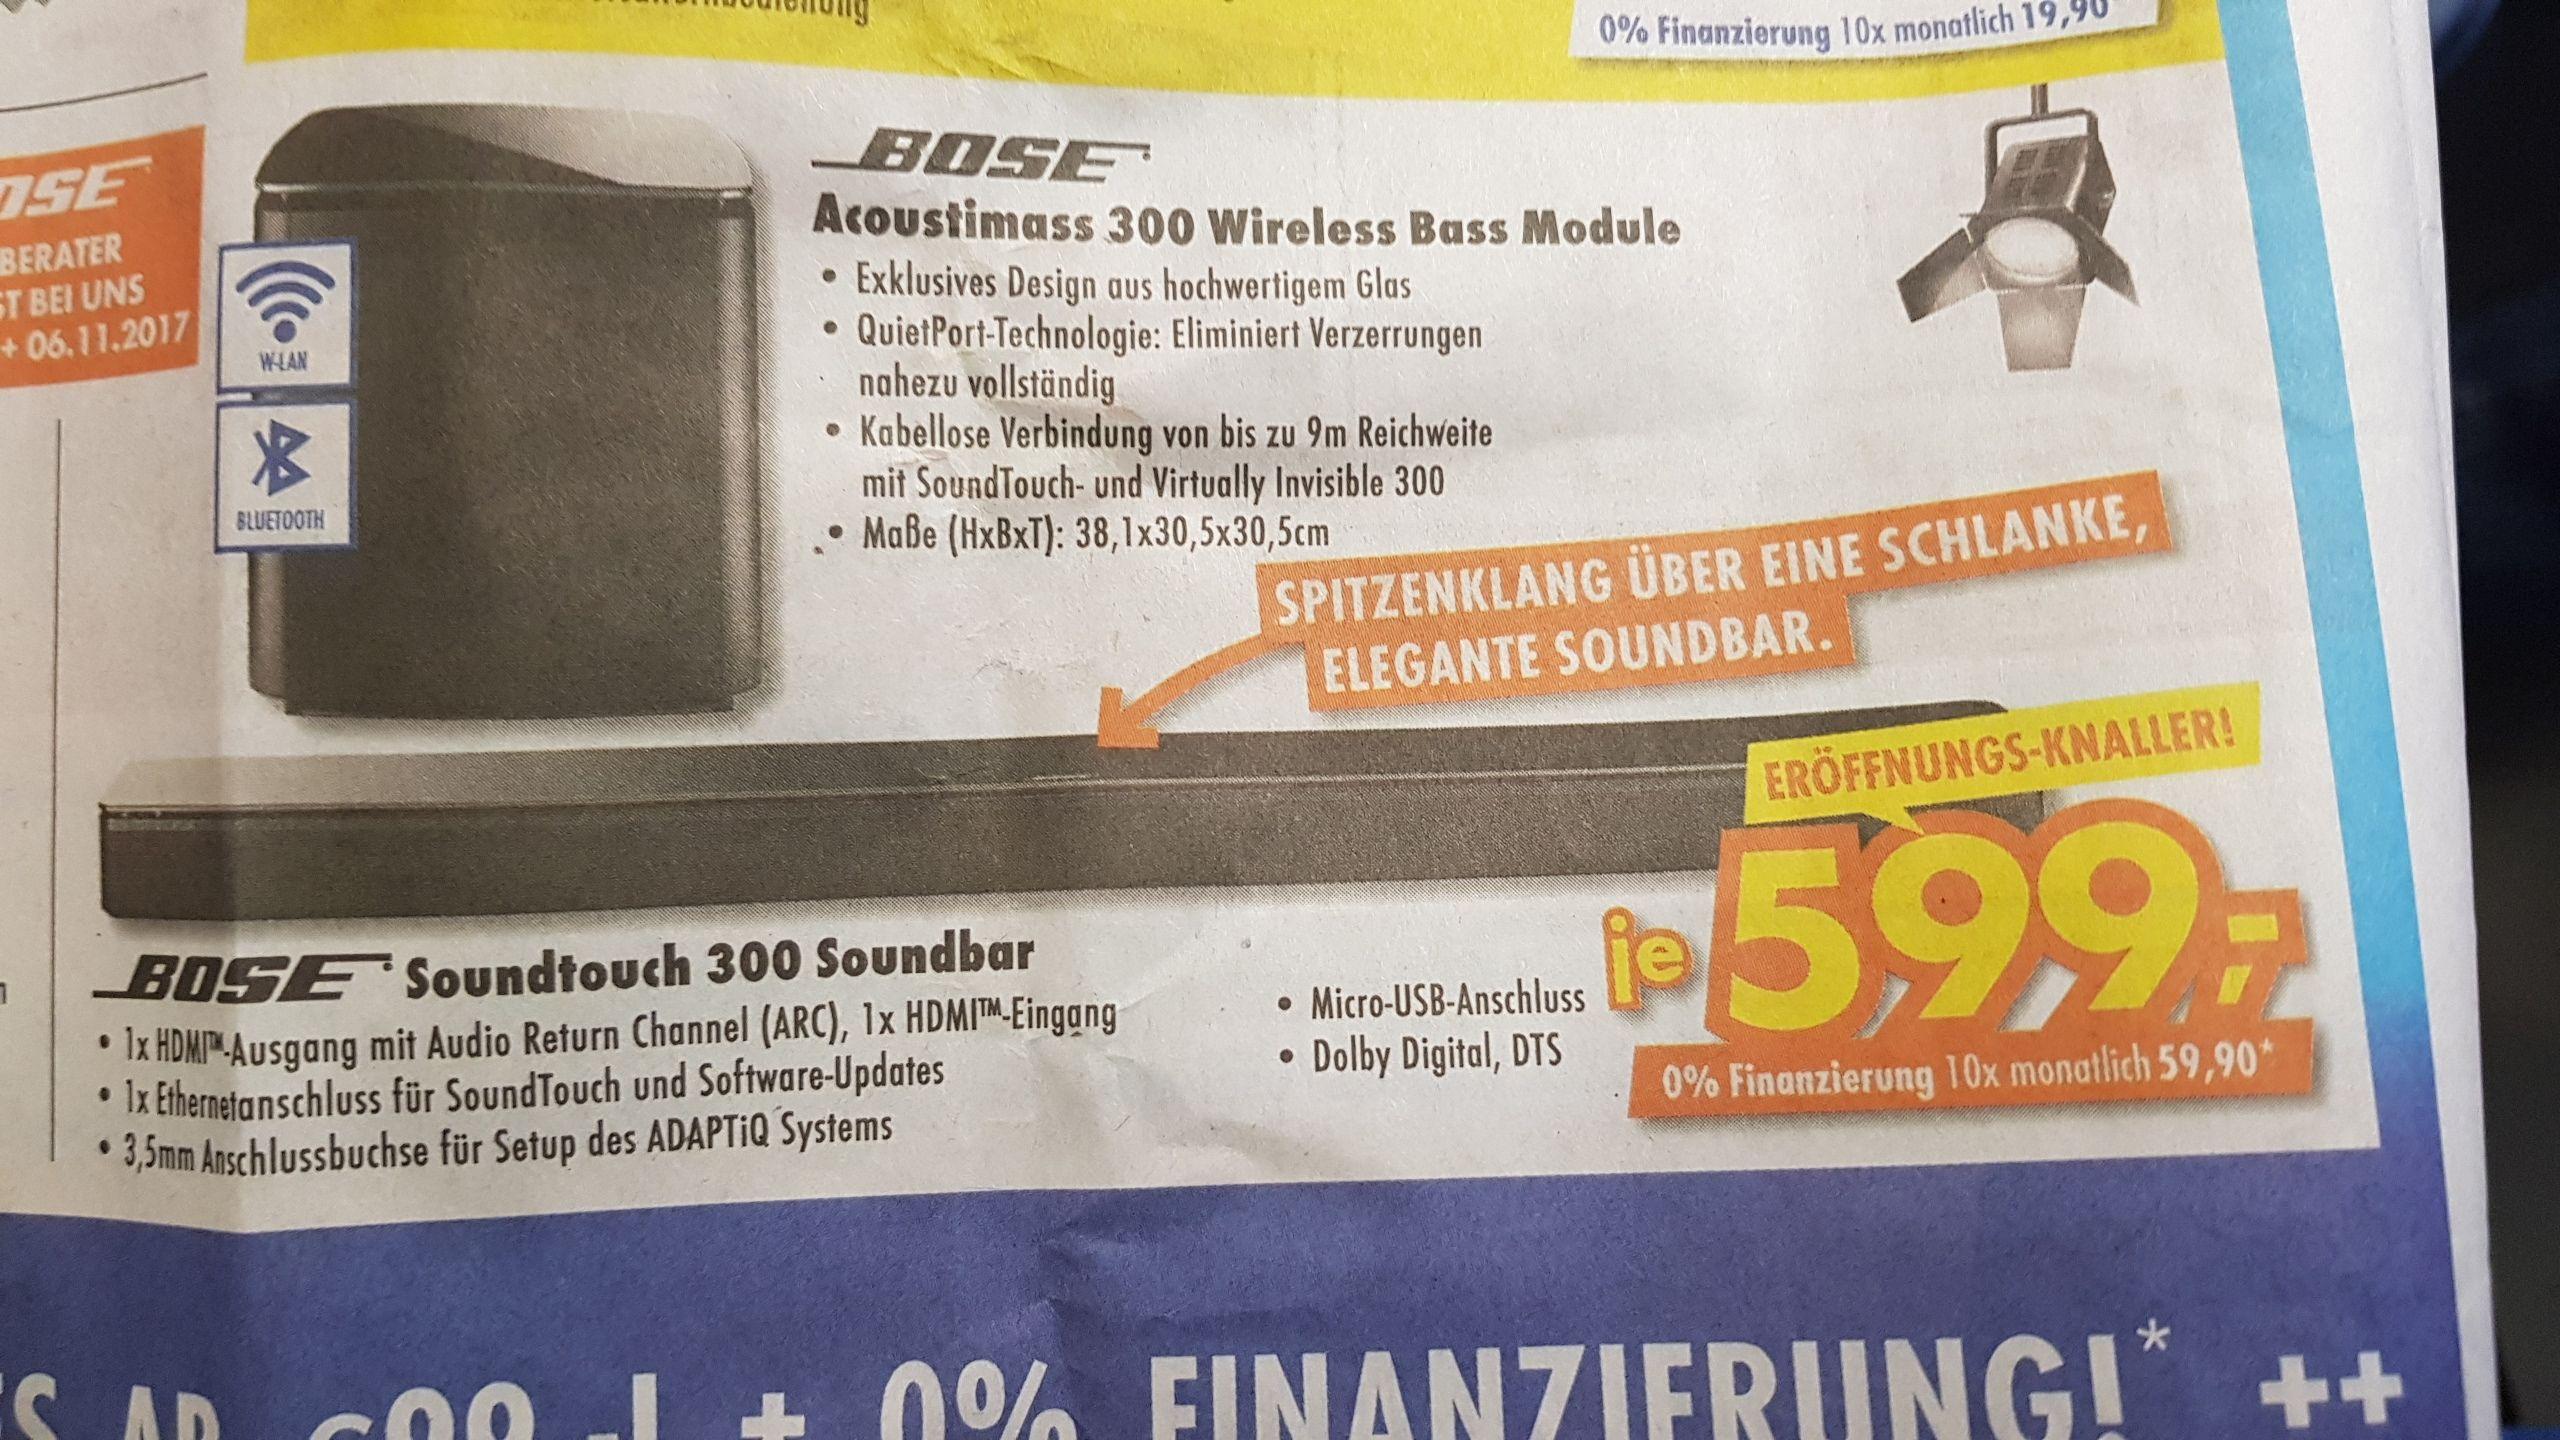 [Euronics] Bose Soundtouch 300 & Bose Acoustimass 300 für je 599€!